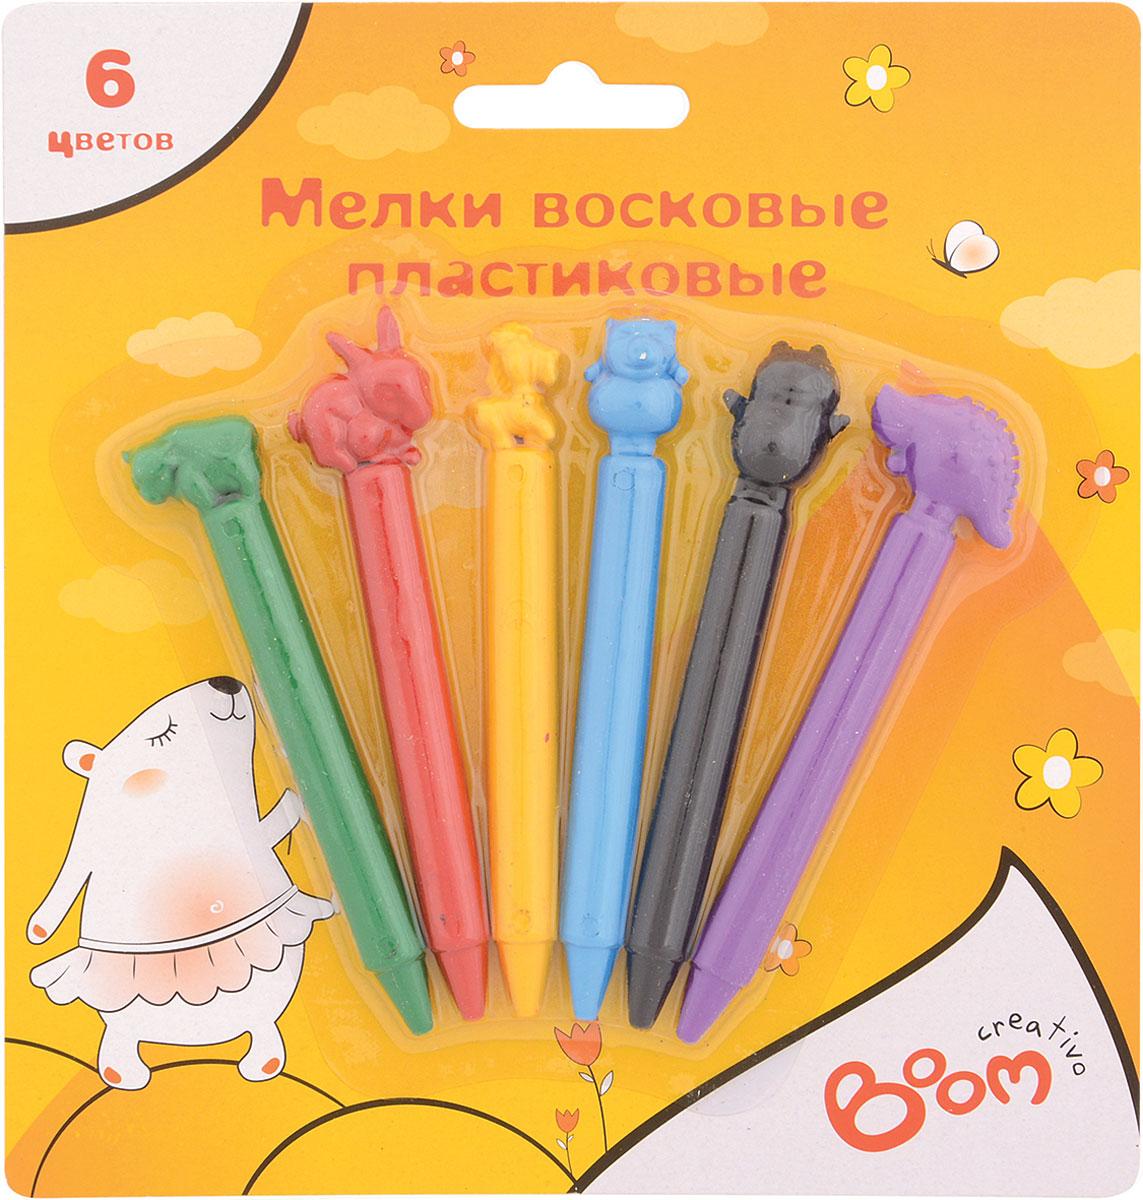 Boom Набор восковых мелков Creativo 6 цветов0108-3006Набор восковых мелков Boom Creativo, предназначенный для рисования, поможет ребенку развить творческие способности, воображение и мелкую моторику рук. У мелков отличные безопасные свойства - не крошатся и не пачкают руки, изготовлены на пластиковой основе, имеют яркие цвета. В наборе 6 восковых мелков - зеленый, красный, желтый, синий, черный, фиолетовый.Яркие мелки Boom Creativo совершенно безопасны для здоровья.